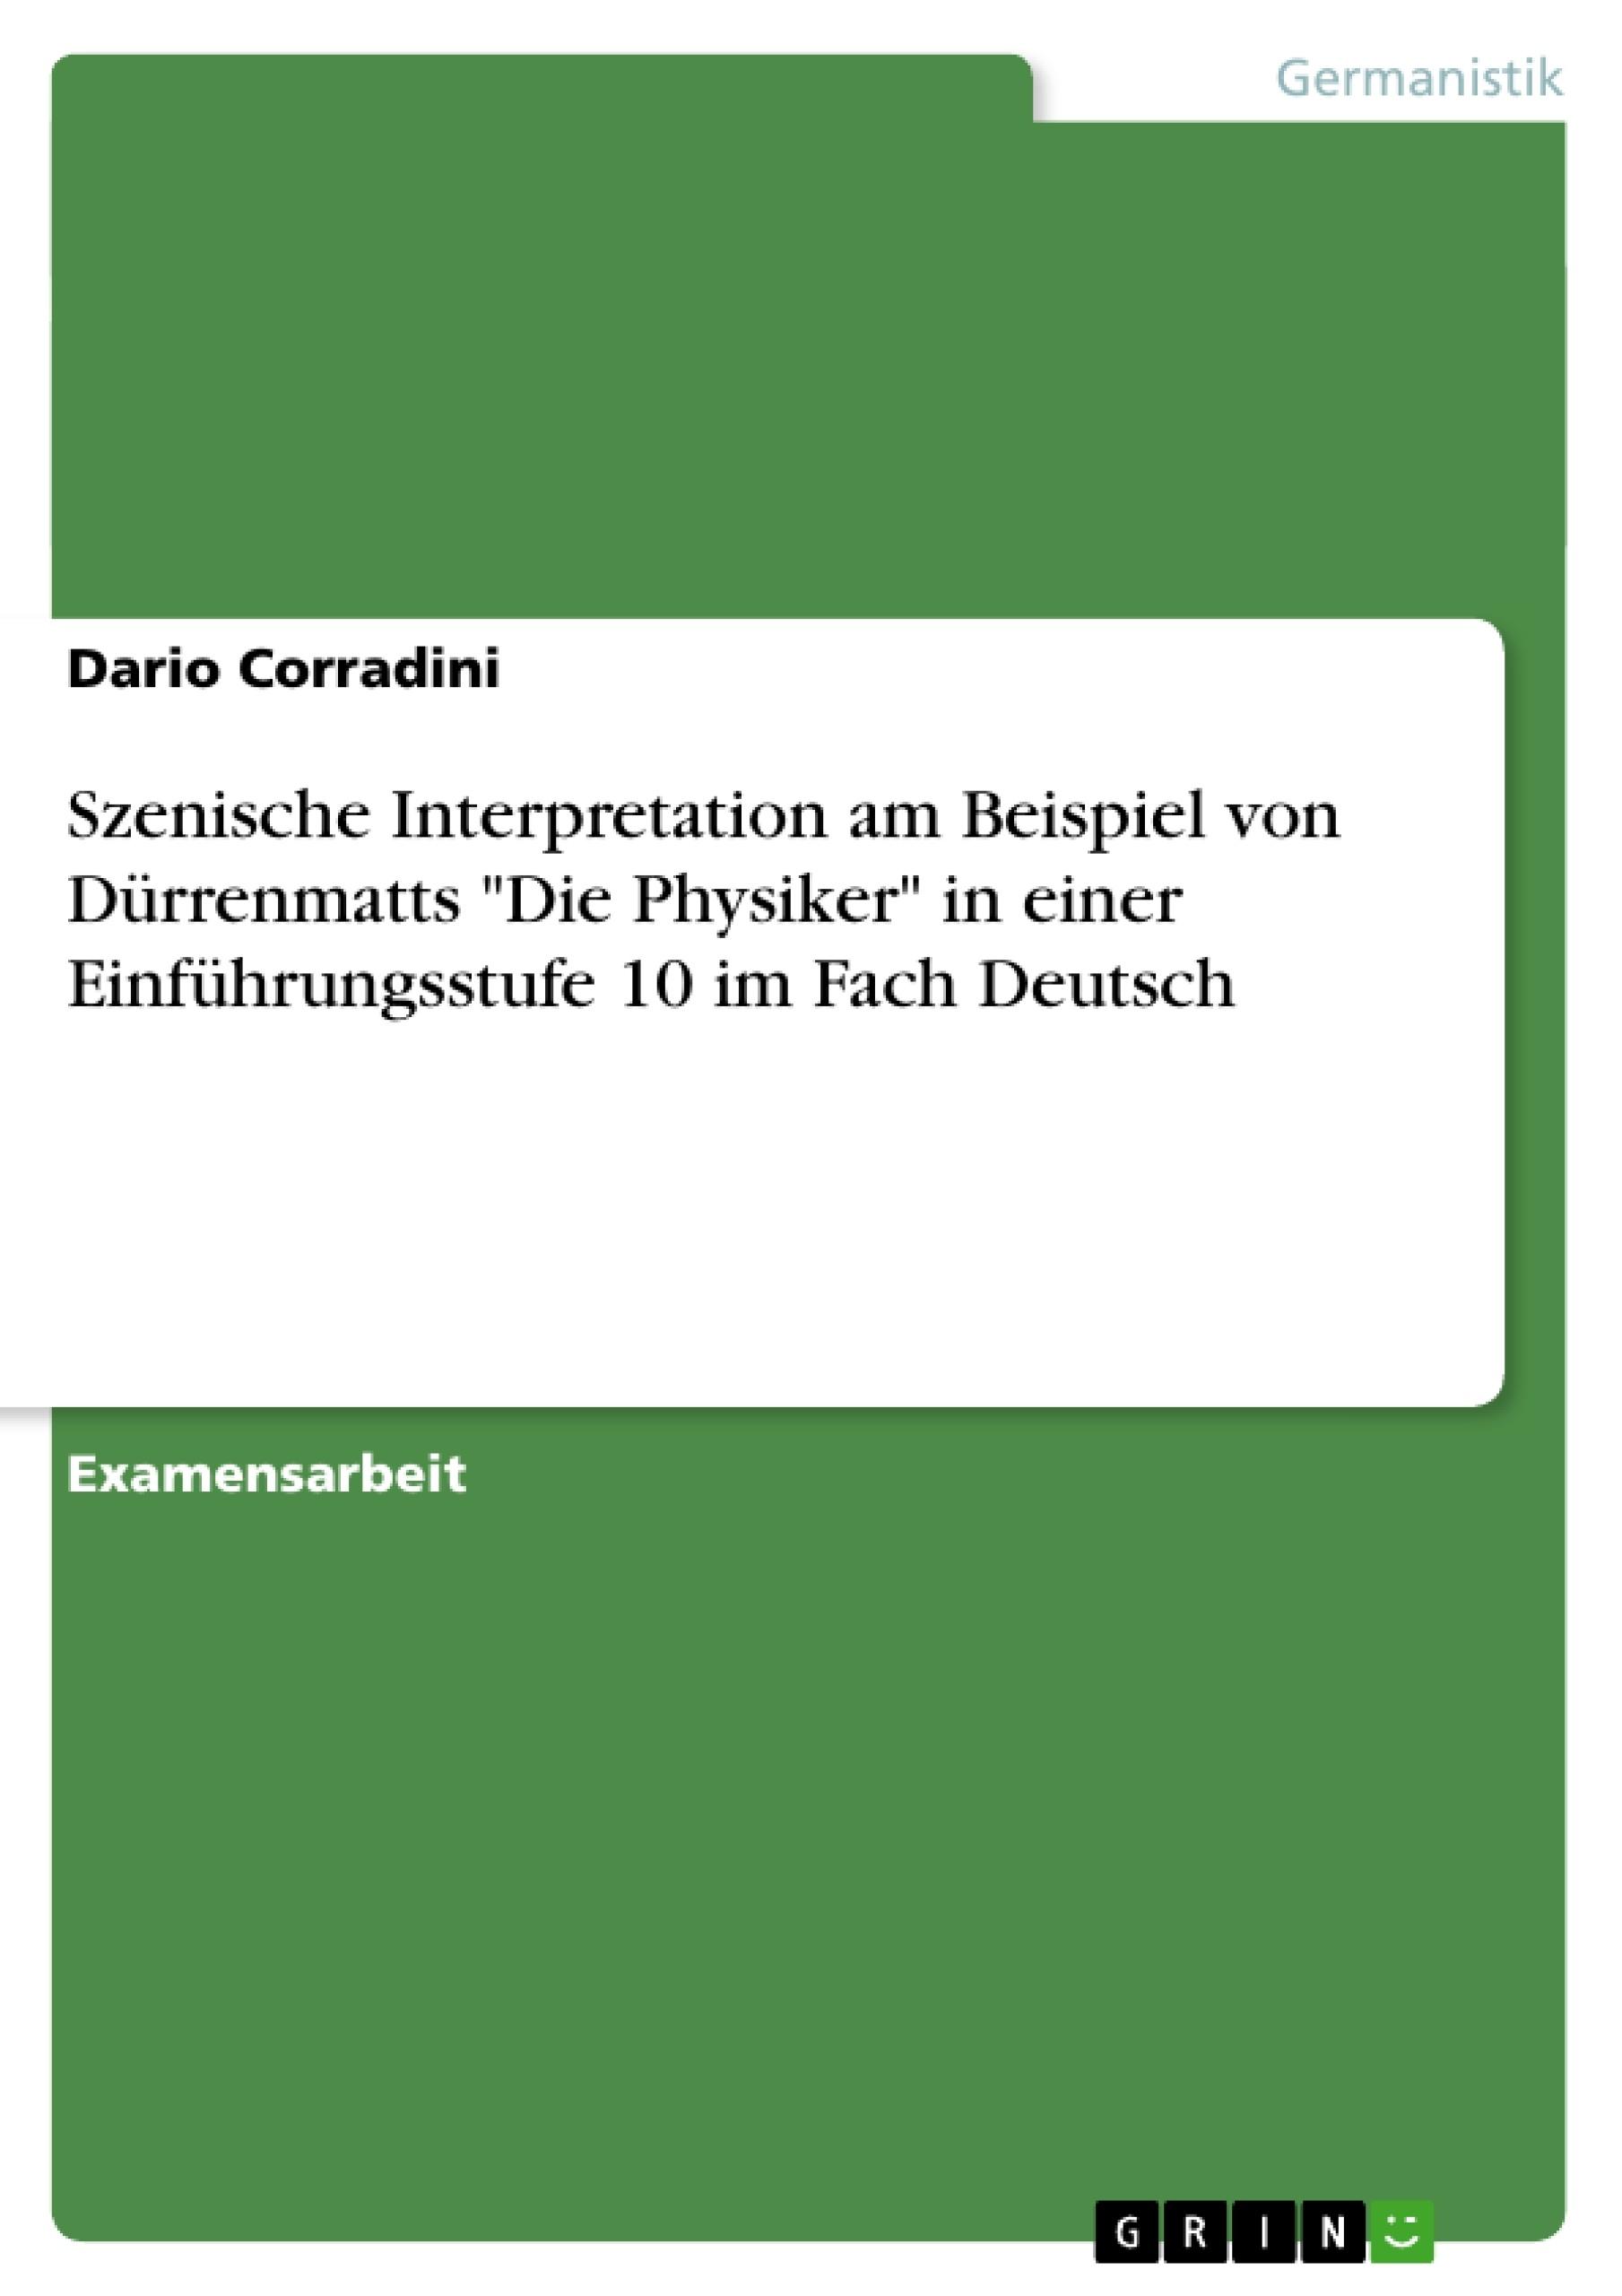 """Titel: Szenische Interpretation am Beispiel von Dürrenmatts """"Die Physiker"""" in einer Einführungsstufe 10 im Fach Deutsch"""